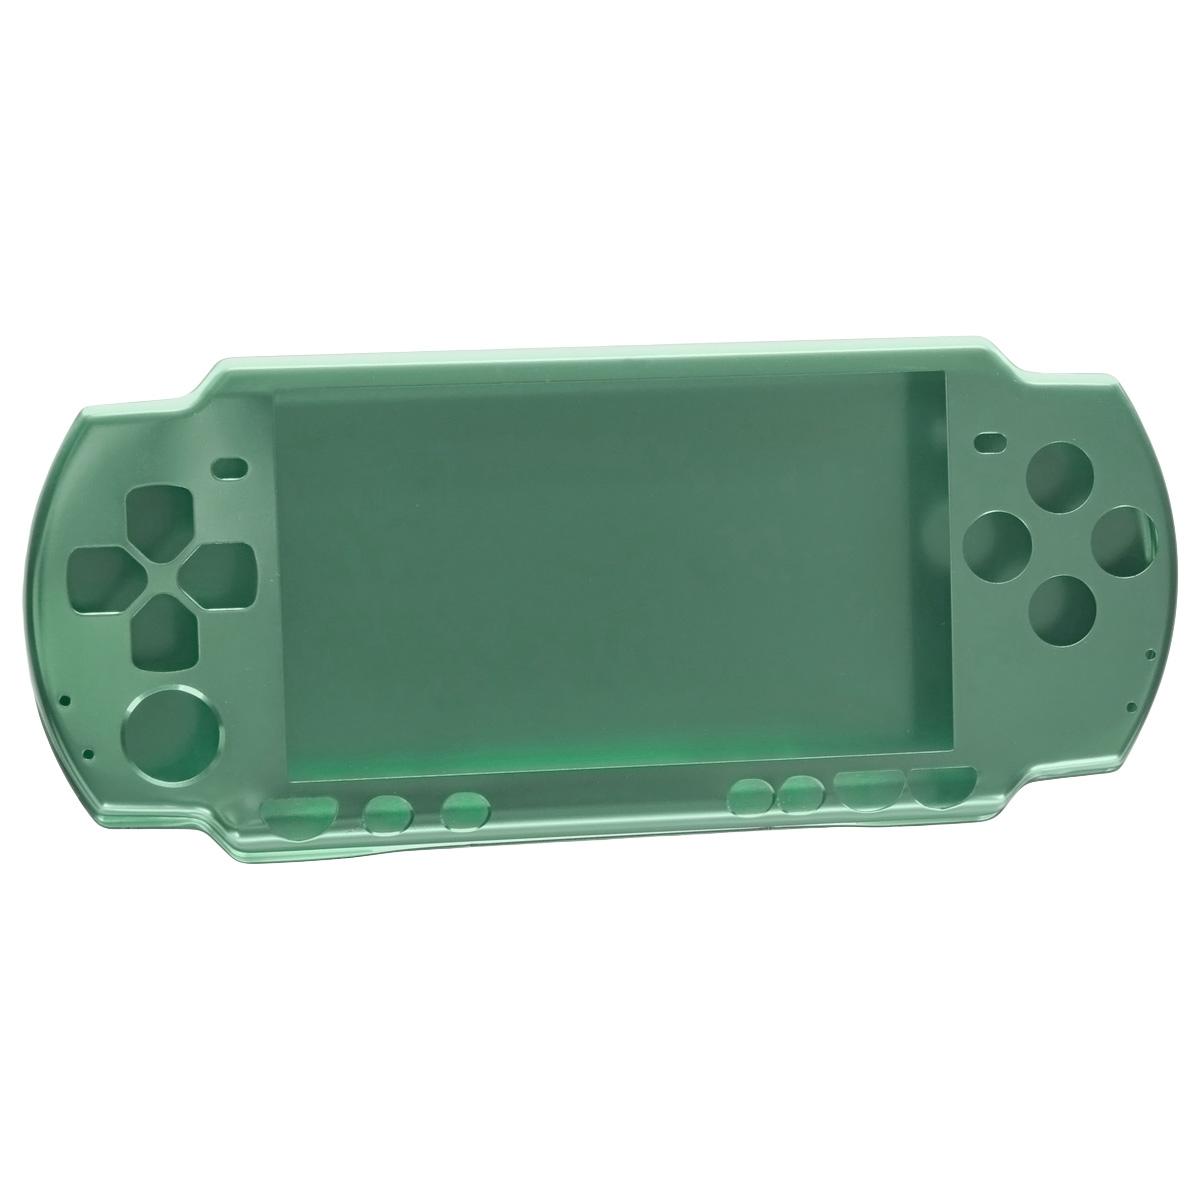 Алюминиевый защитный корпус Game Guru для Sony PSP 2000/3000, цвет: зеленый